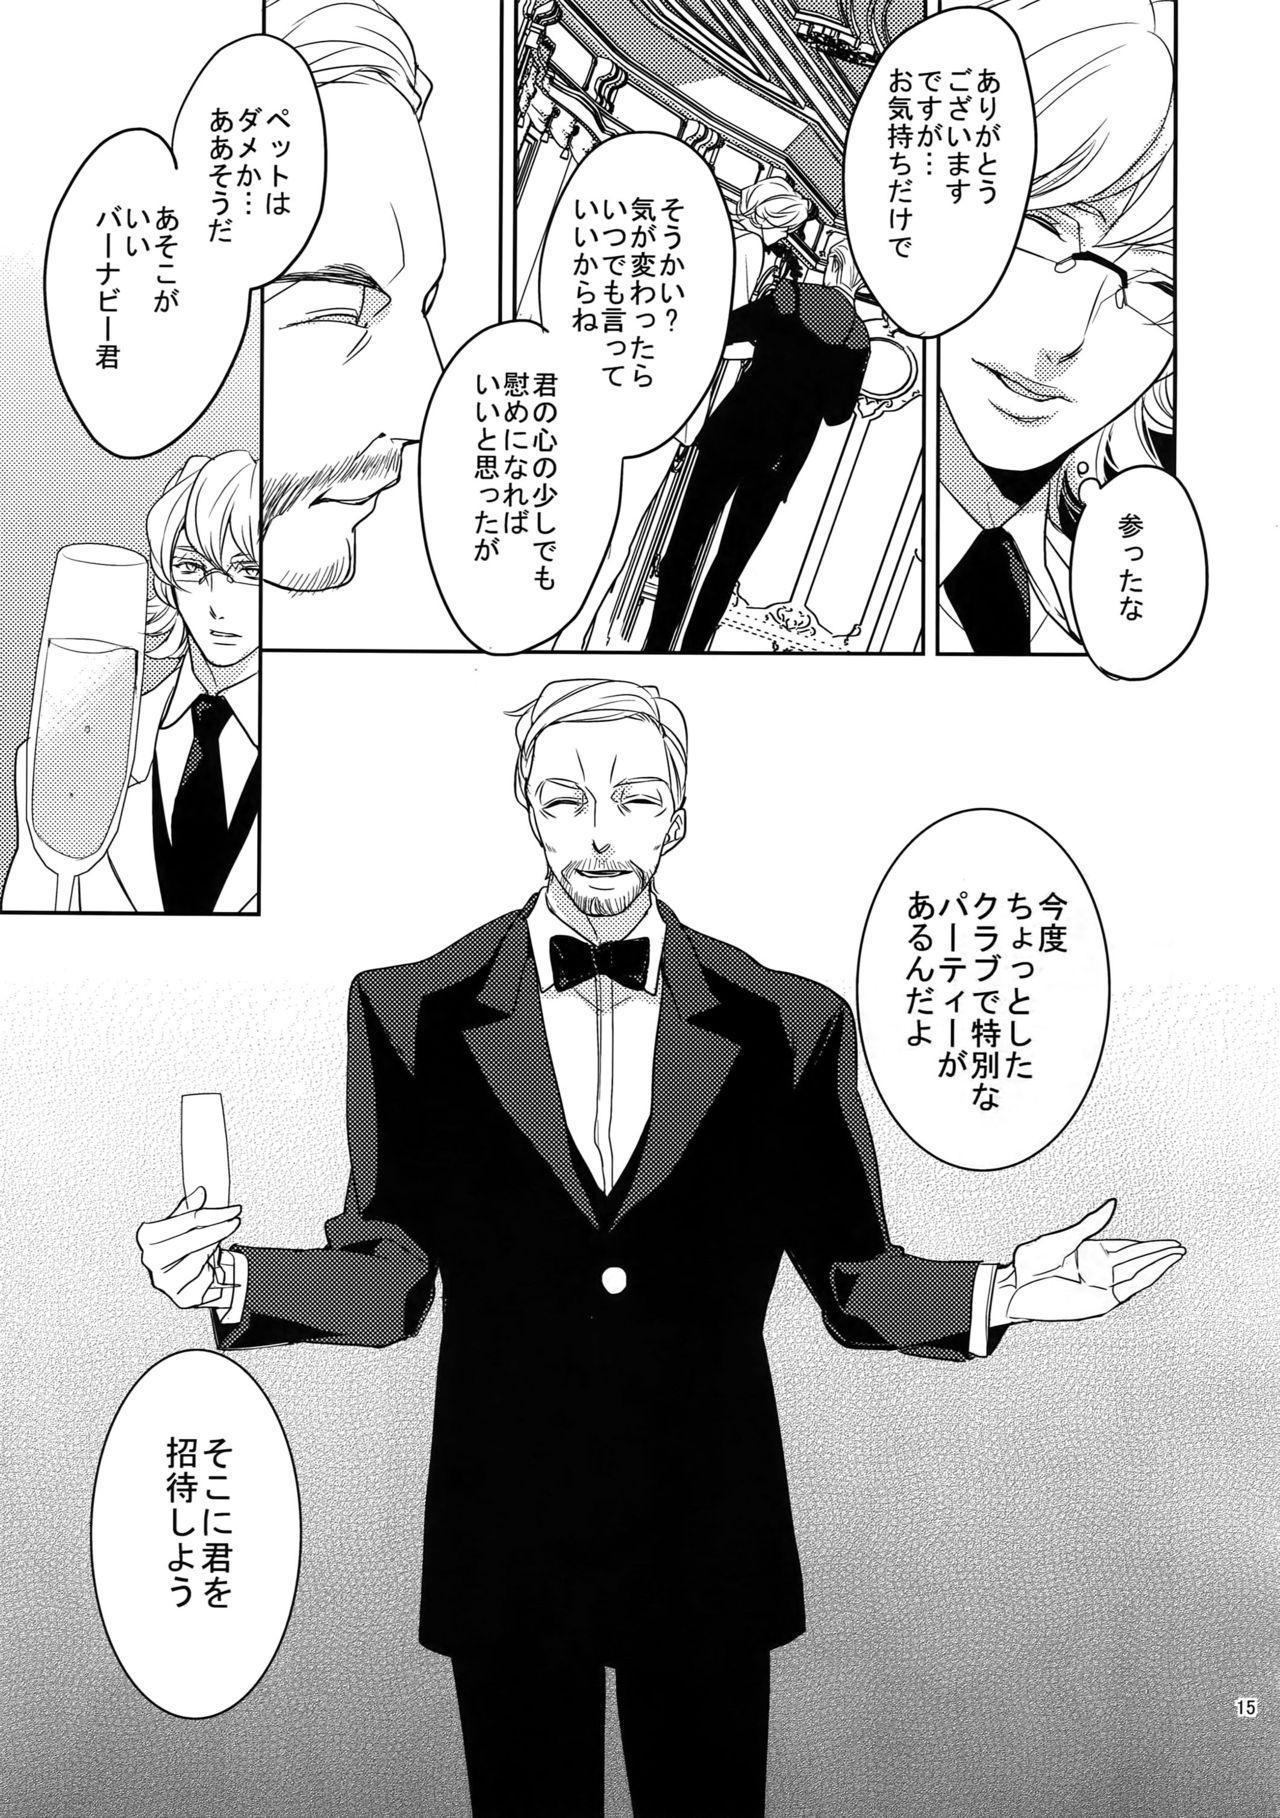 Ai no Kemono Sairoku-shuu 13